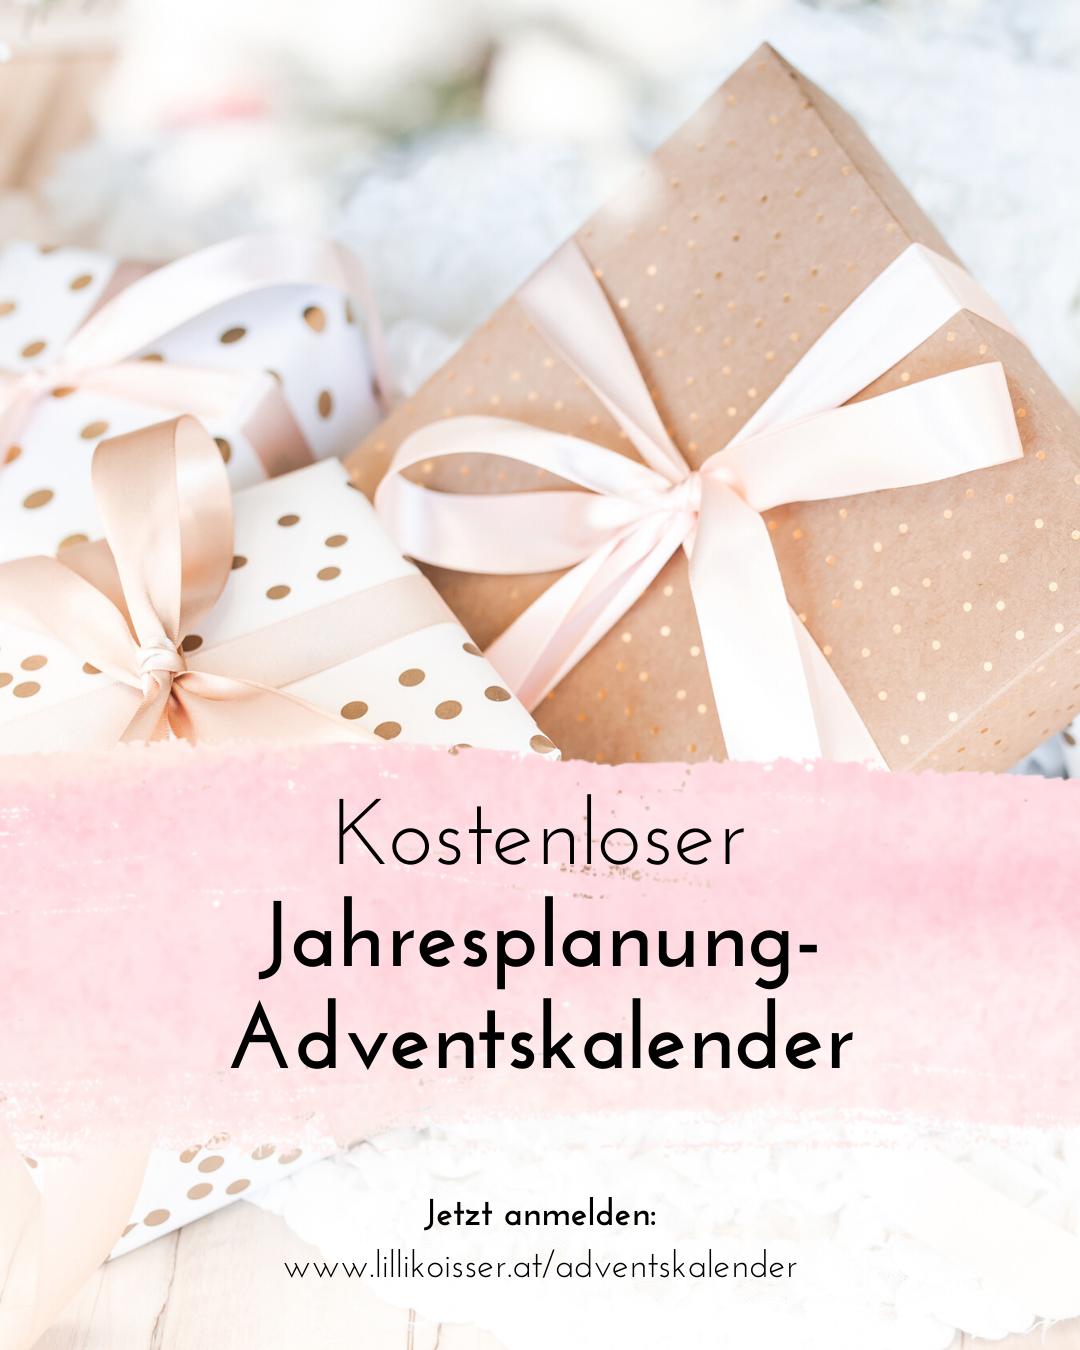 Kostenloser Jahresplanung-Adventskalender von Business-Coach Lilli Koisser